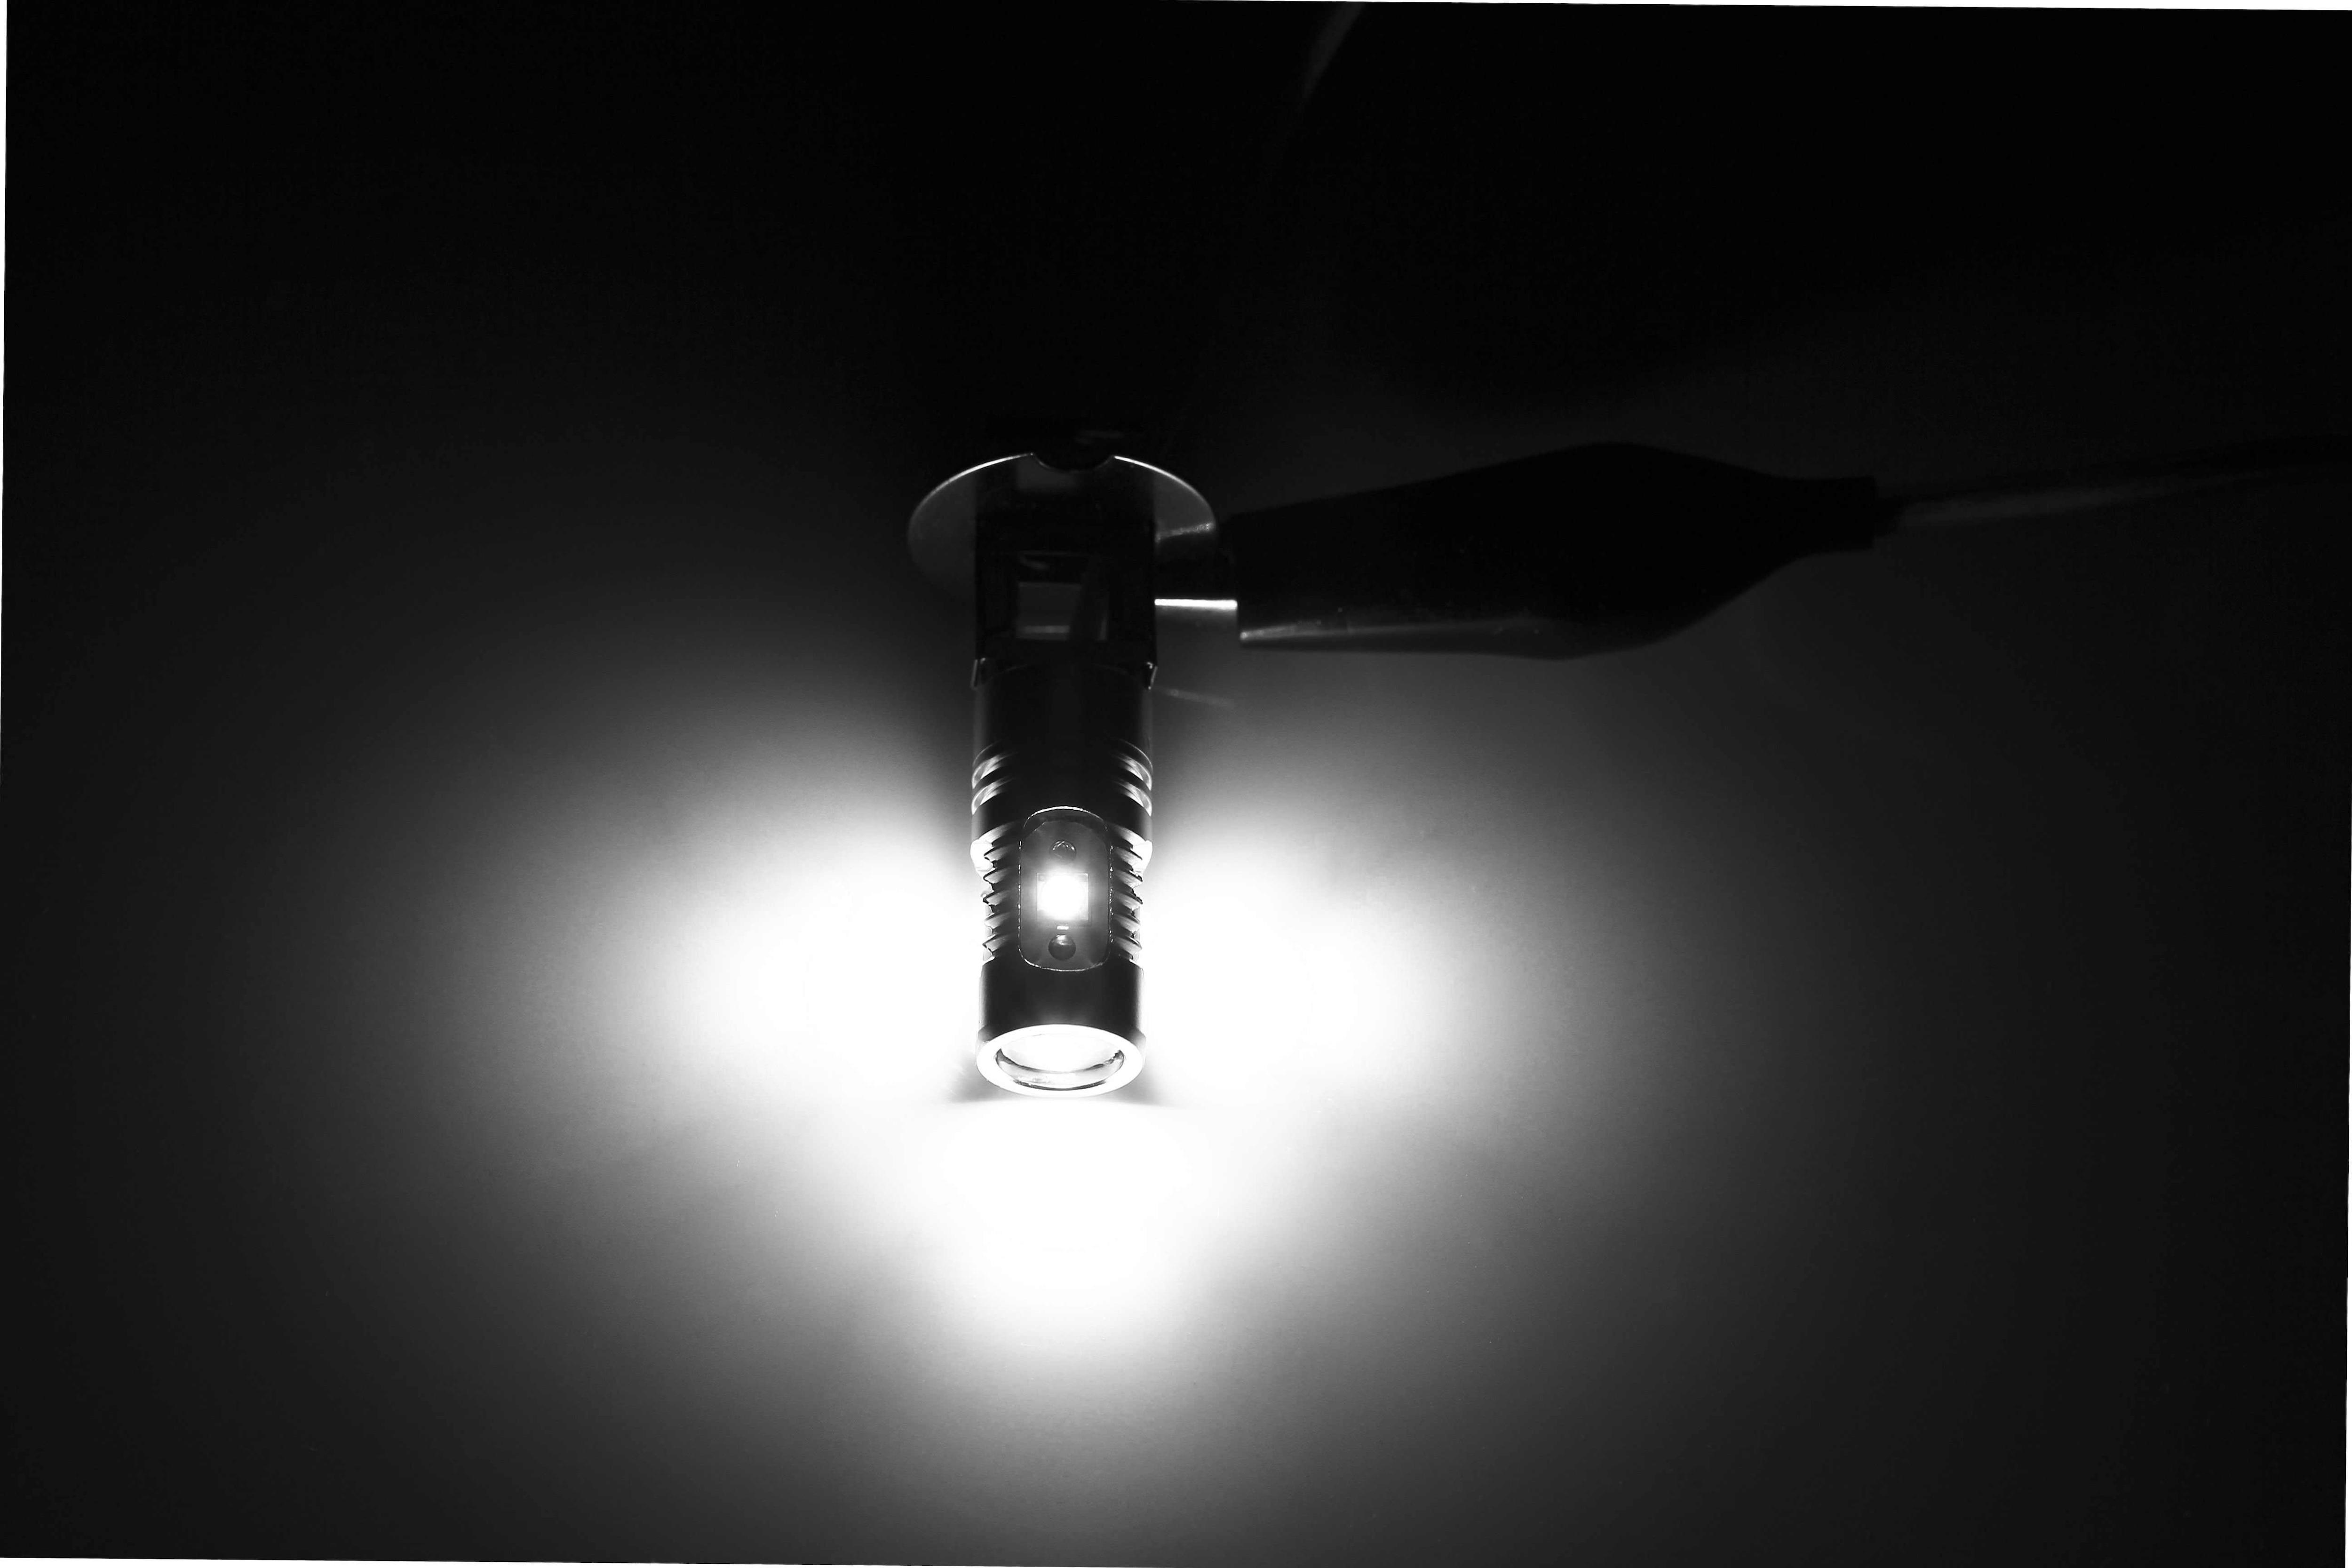 2 шт. H3 25 Вт светодиодный чипы белые автомобили Противотуманные фары лампы авто лампа сигнал для транспорта задние фары автомобиля